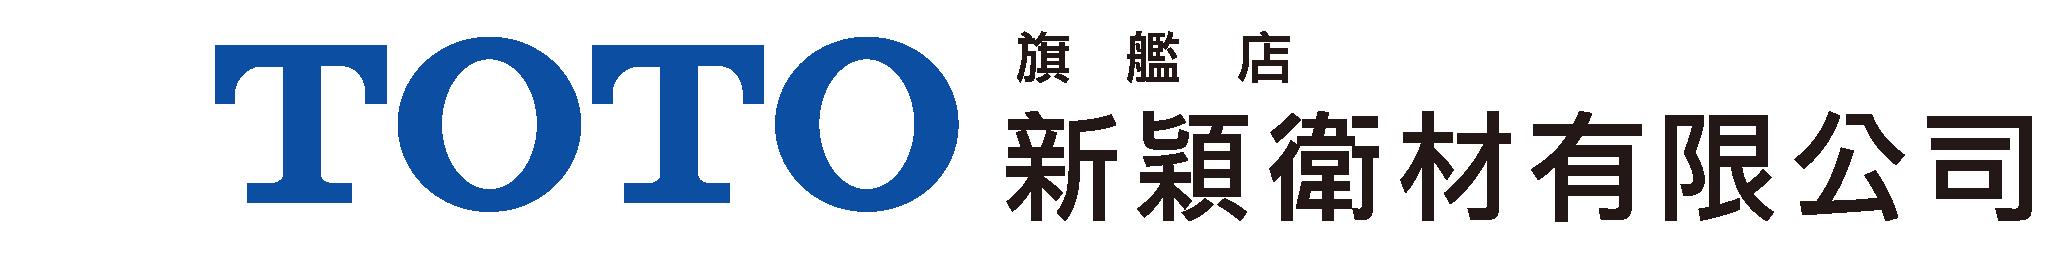 TOTO新穎衛材有限公司